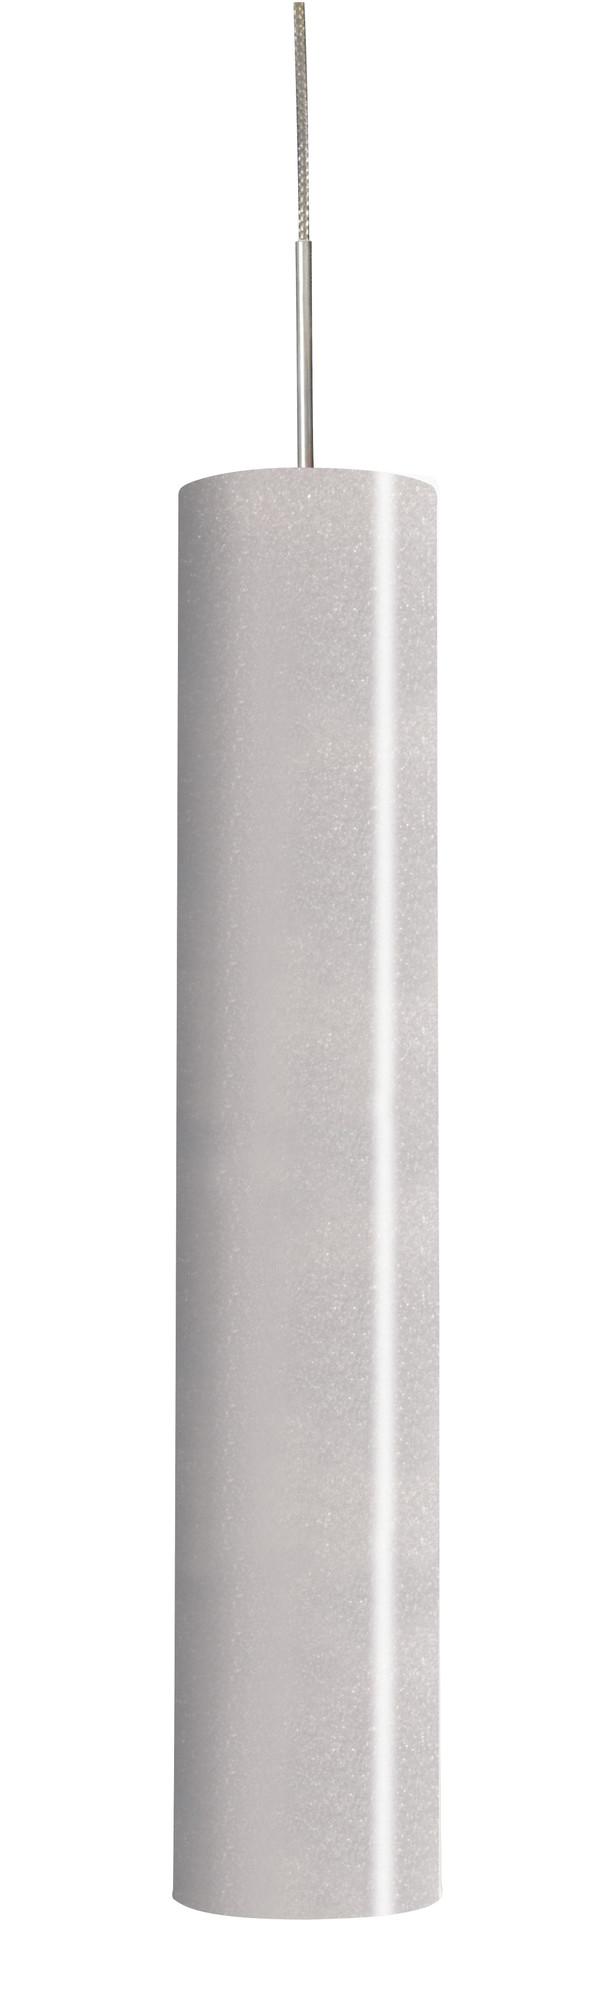 Oketo 1 Light Mini Pendant